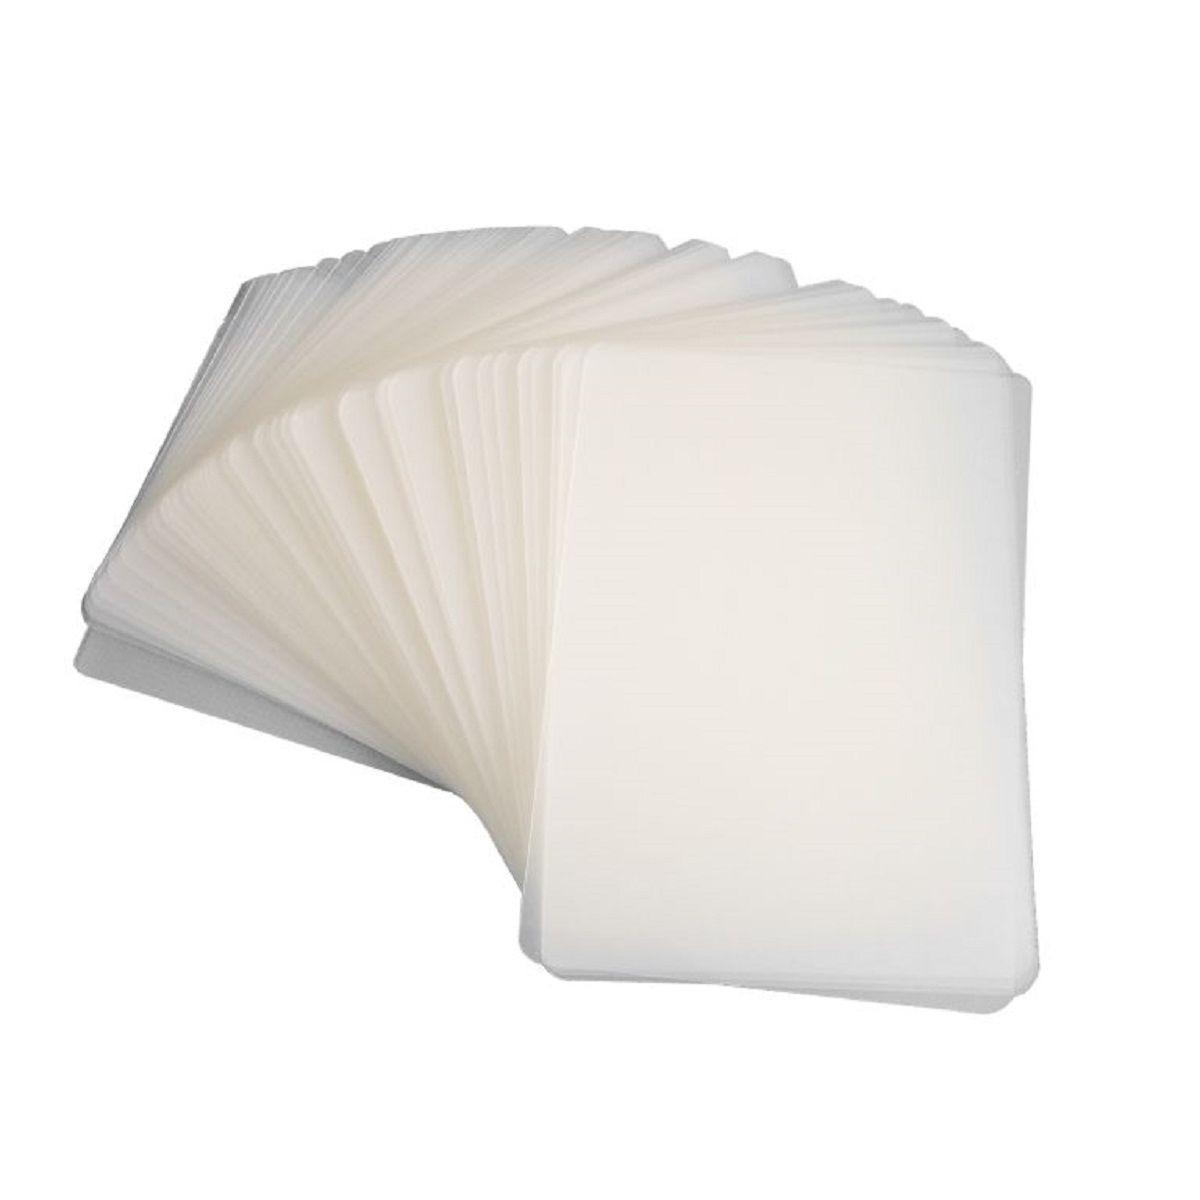 Kit 1000 Plasticos Polaseal para Plastificação RG 80x110x0,07mm (175 micras)  - Click Suprimentos